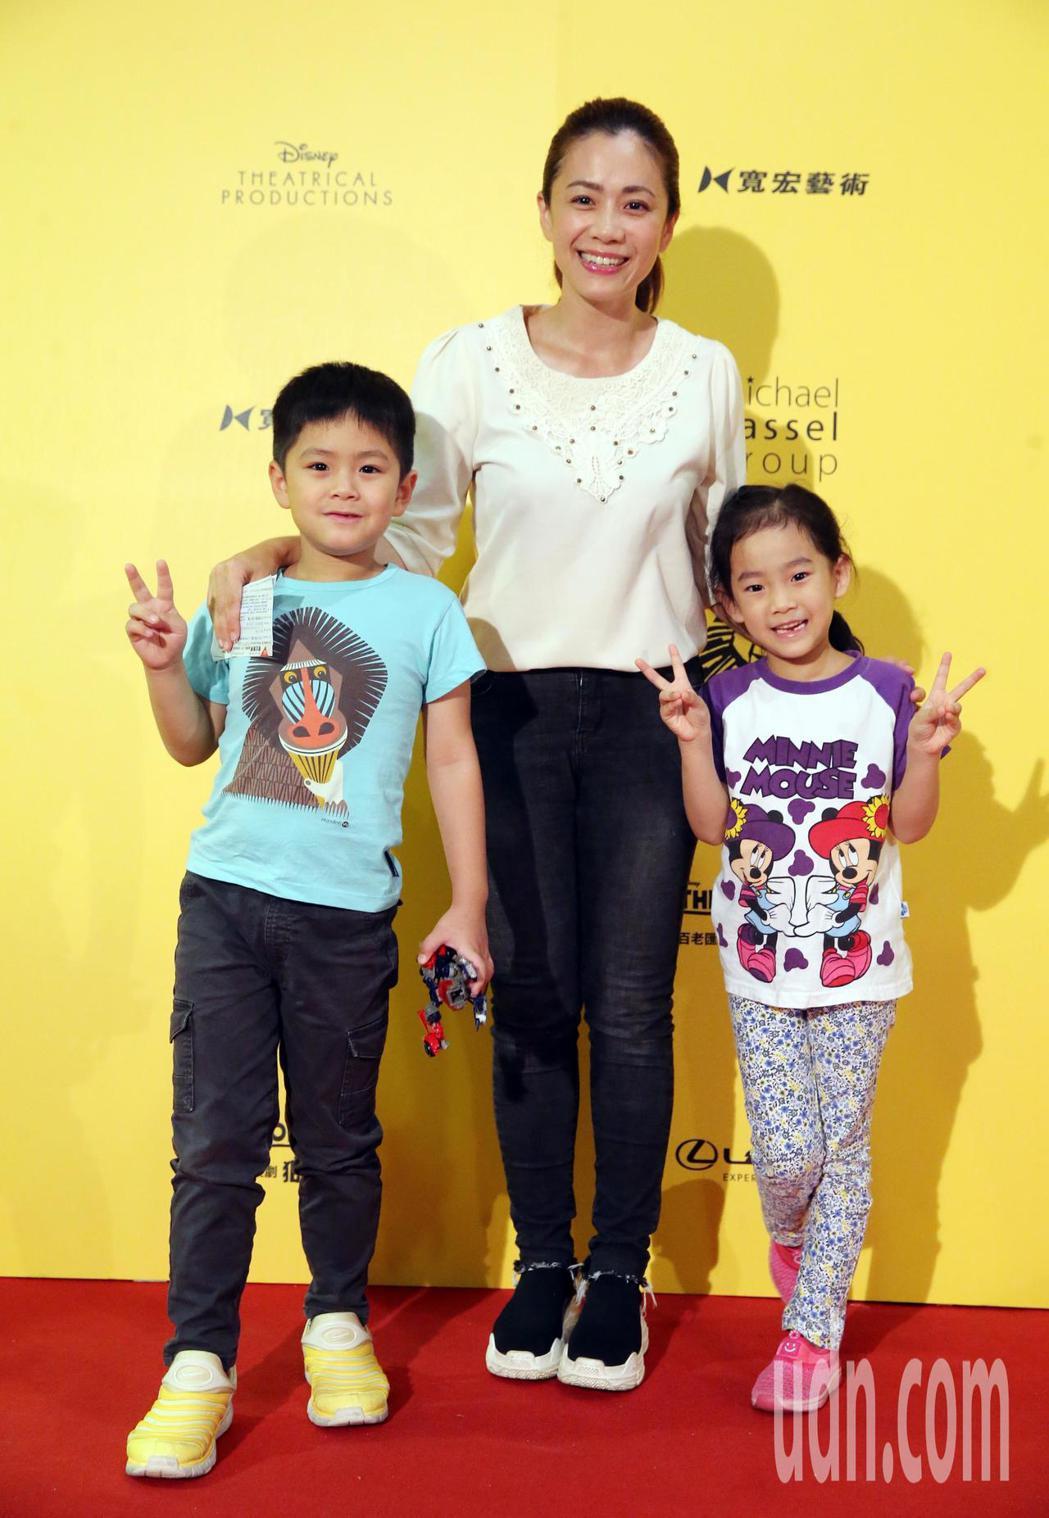 柯以柔今晚帶著小朋友觀賞音樂劇 《獅子王》。記者徐兆玄/攝影